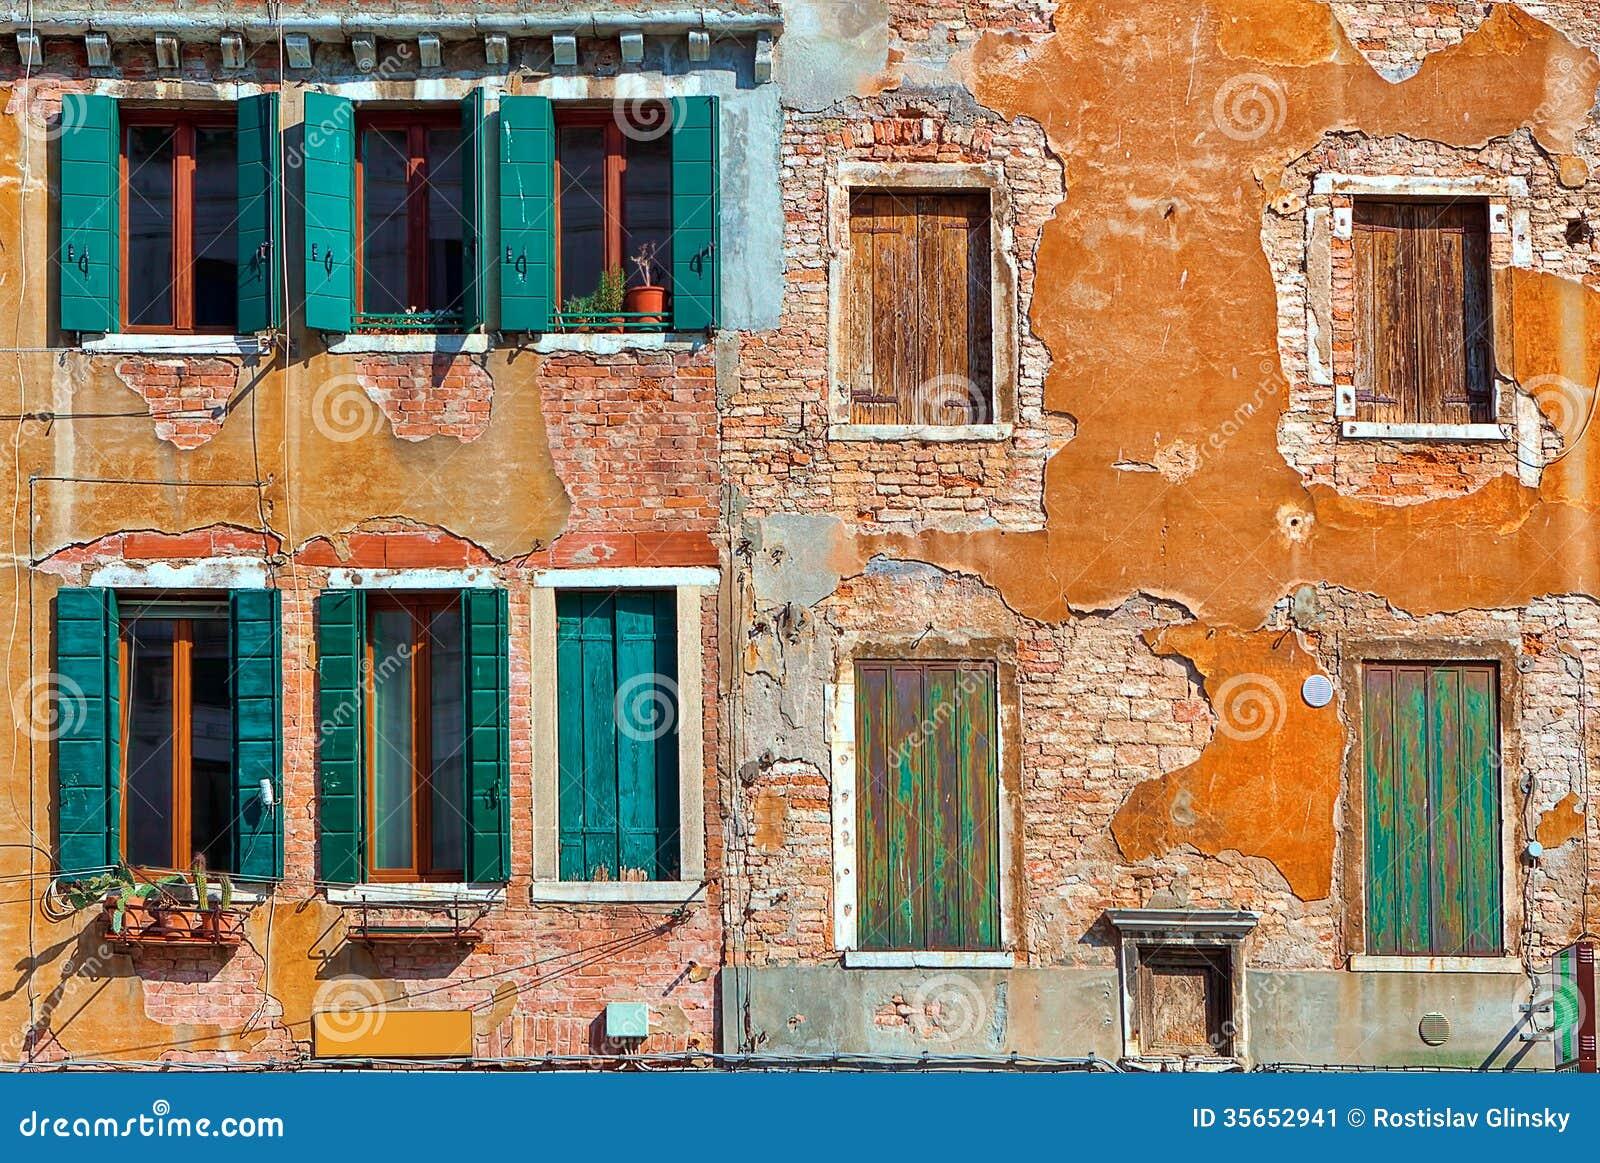 Fachada de la casa veneciana típica.